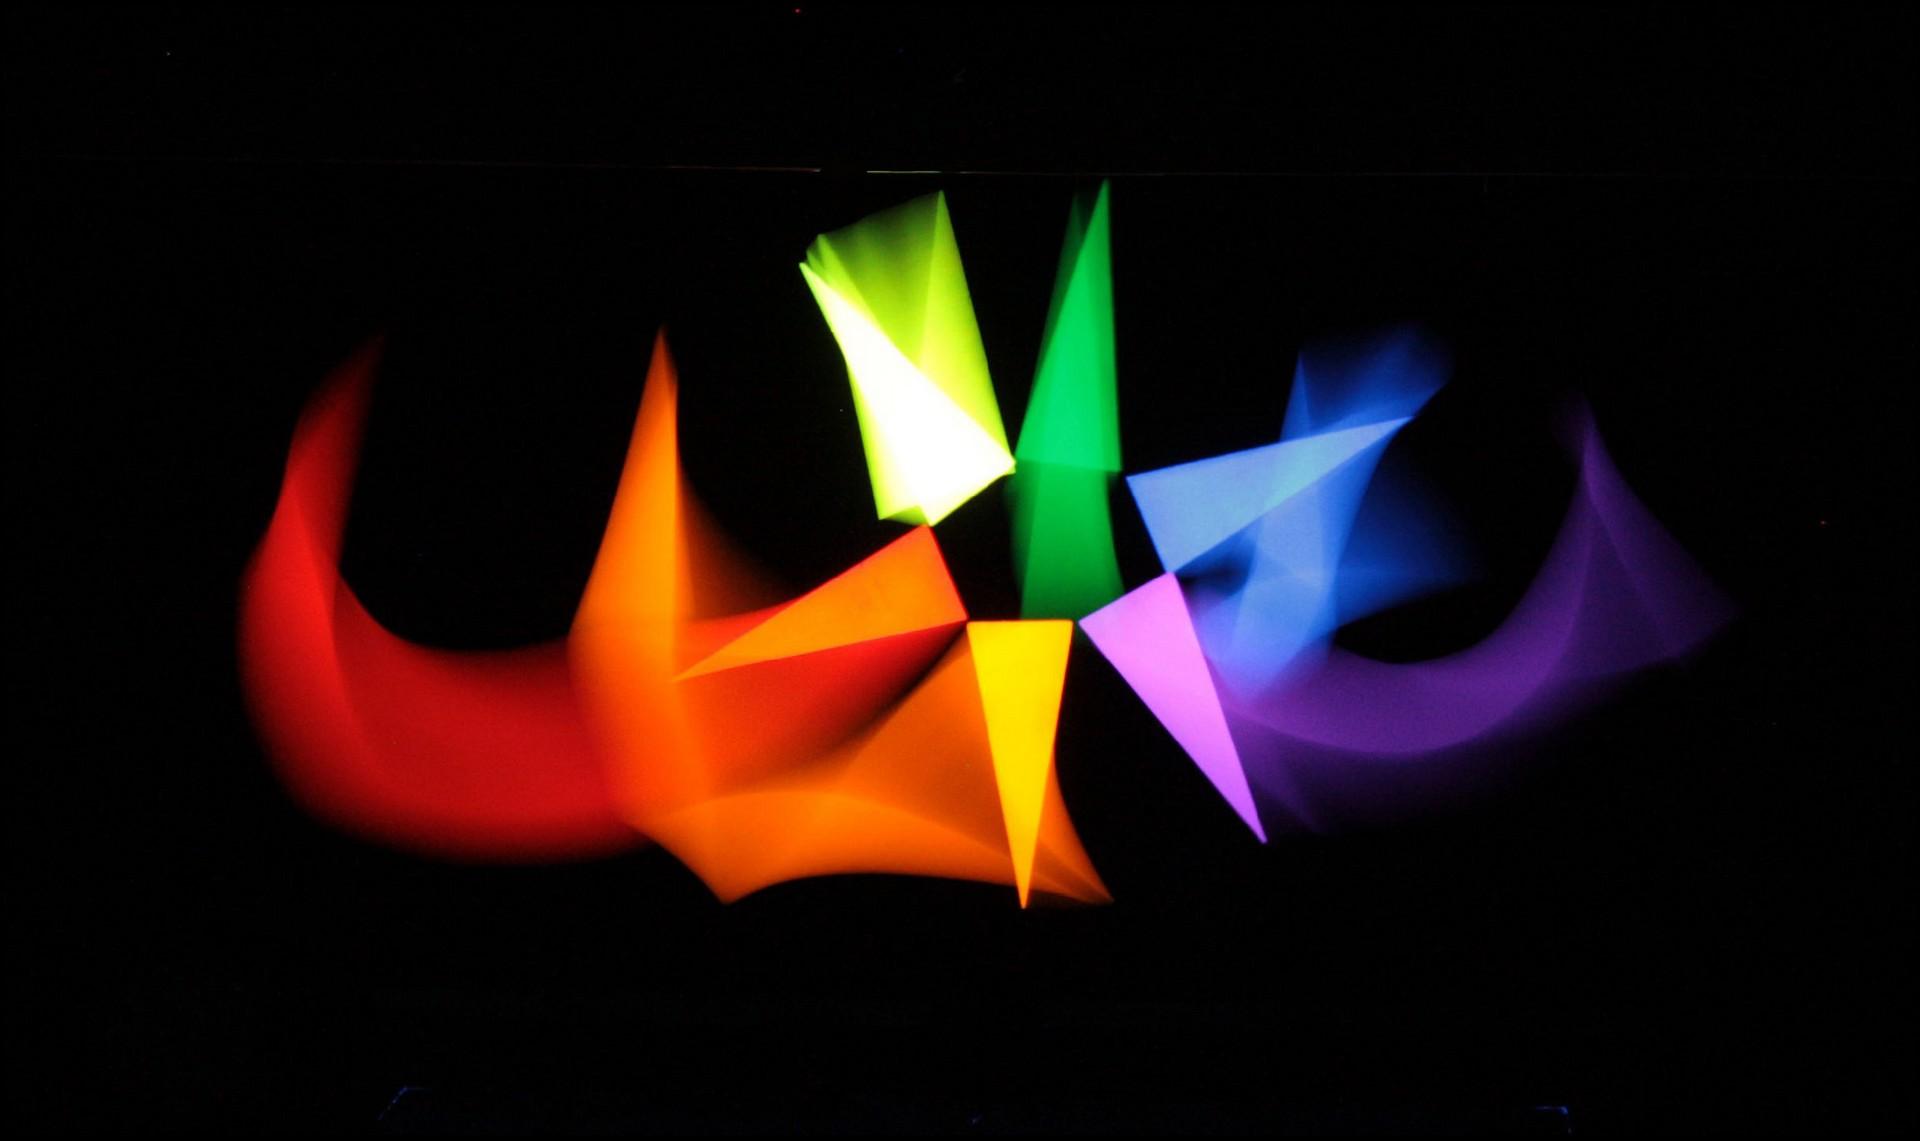 Taranto colori immaginare l immagine la rassegna del - Immagine del mouse a colori ...